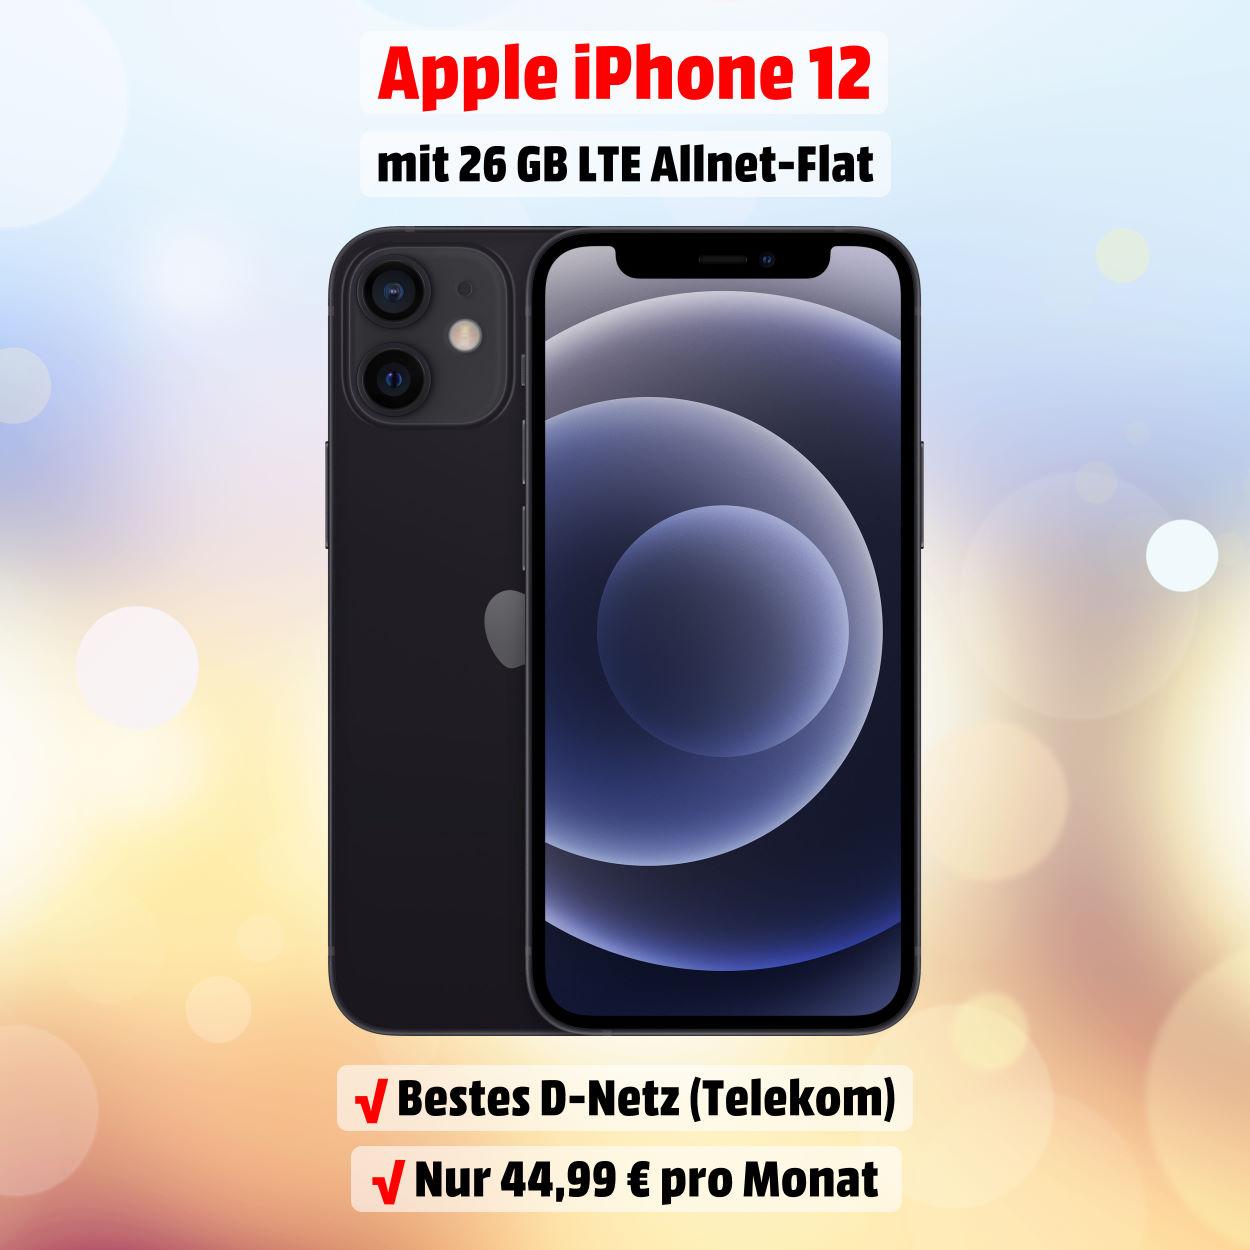 iPhone 12 inkl. 26 GB LTE Allnet-Flat im besten D-Netz der Telekom